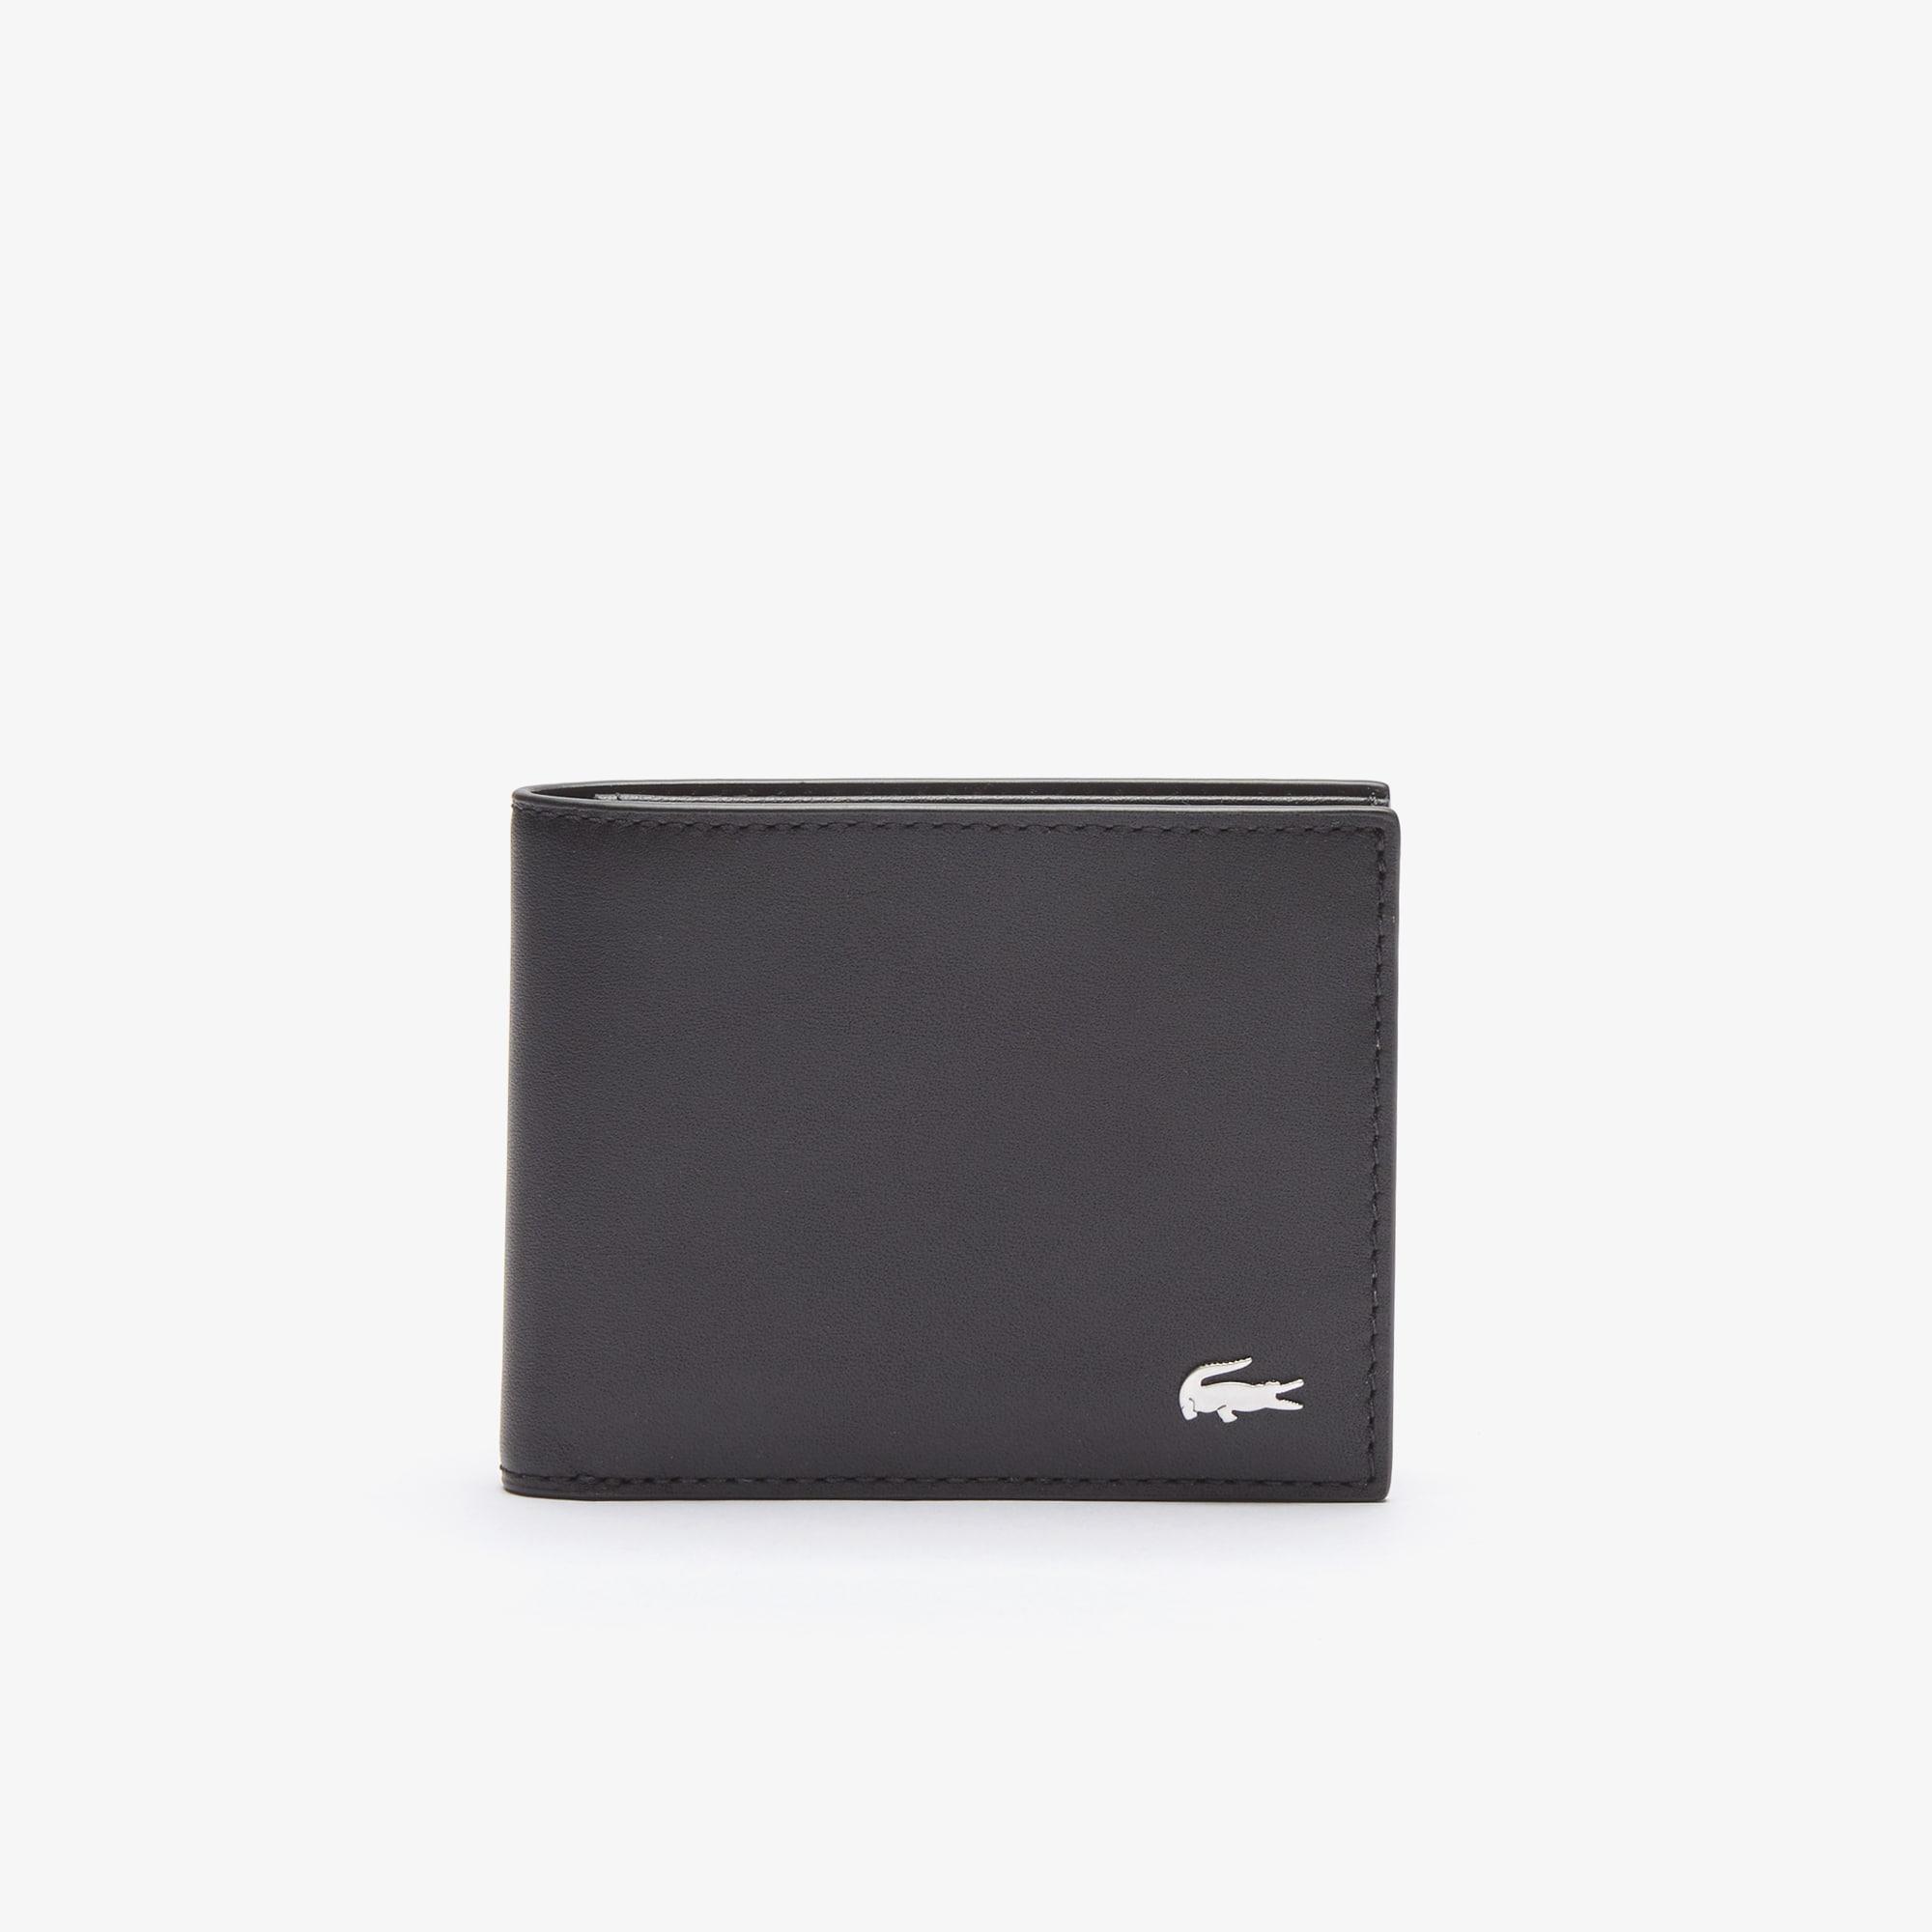 FG-Lederbrieftasche mit Ausweisfach